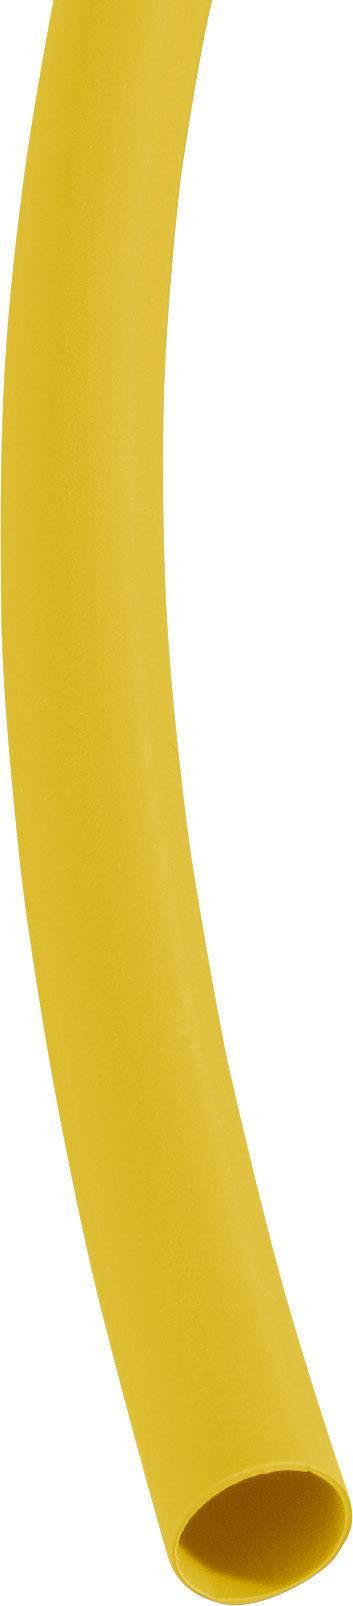 Zmršťovacia bužírka bez lepidla DSG Canusa DERAY-I3000 3290090103, 3:1, 9.50 mm, žltá, metrový tovar